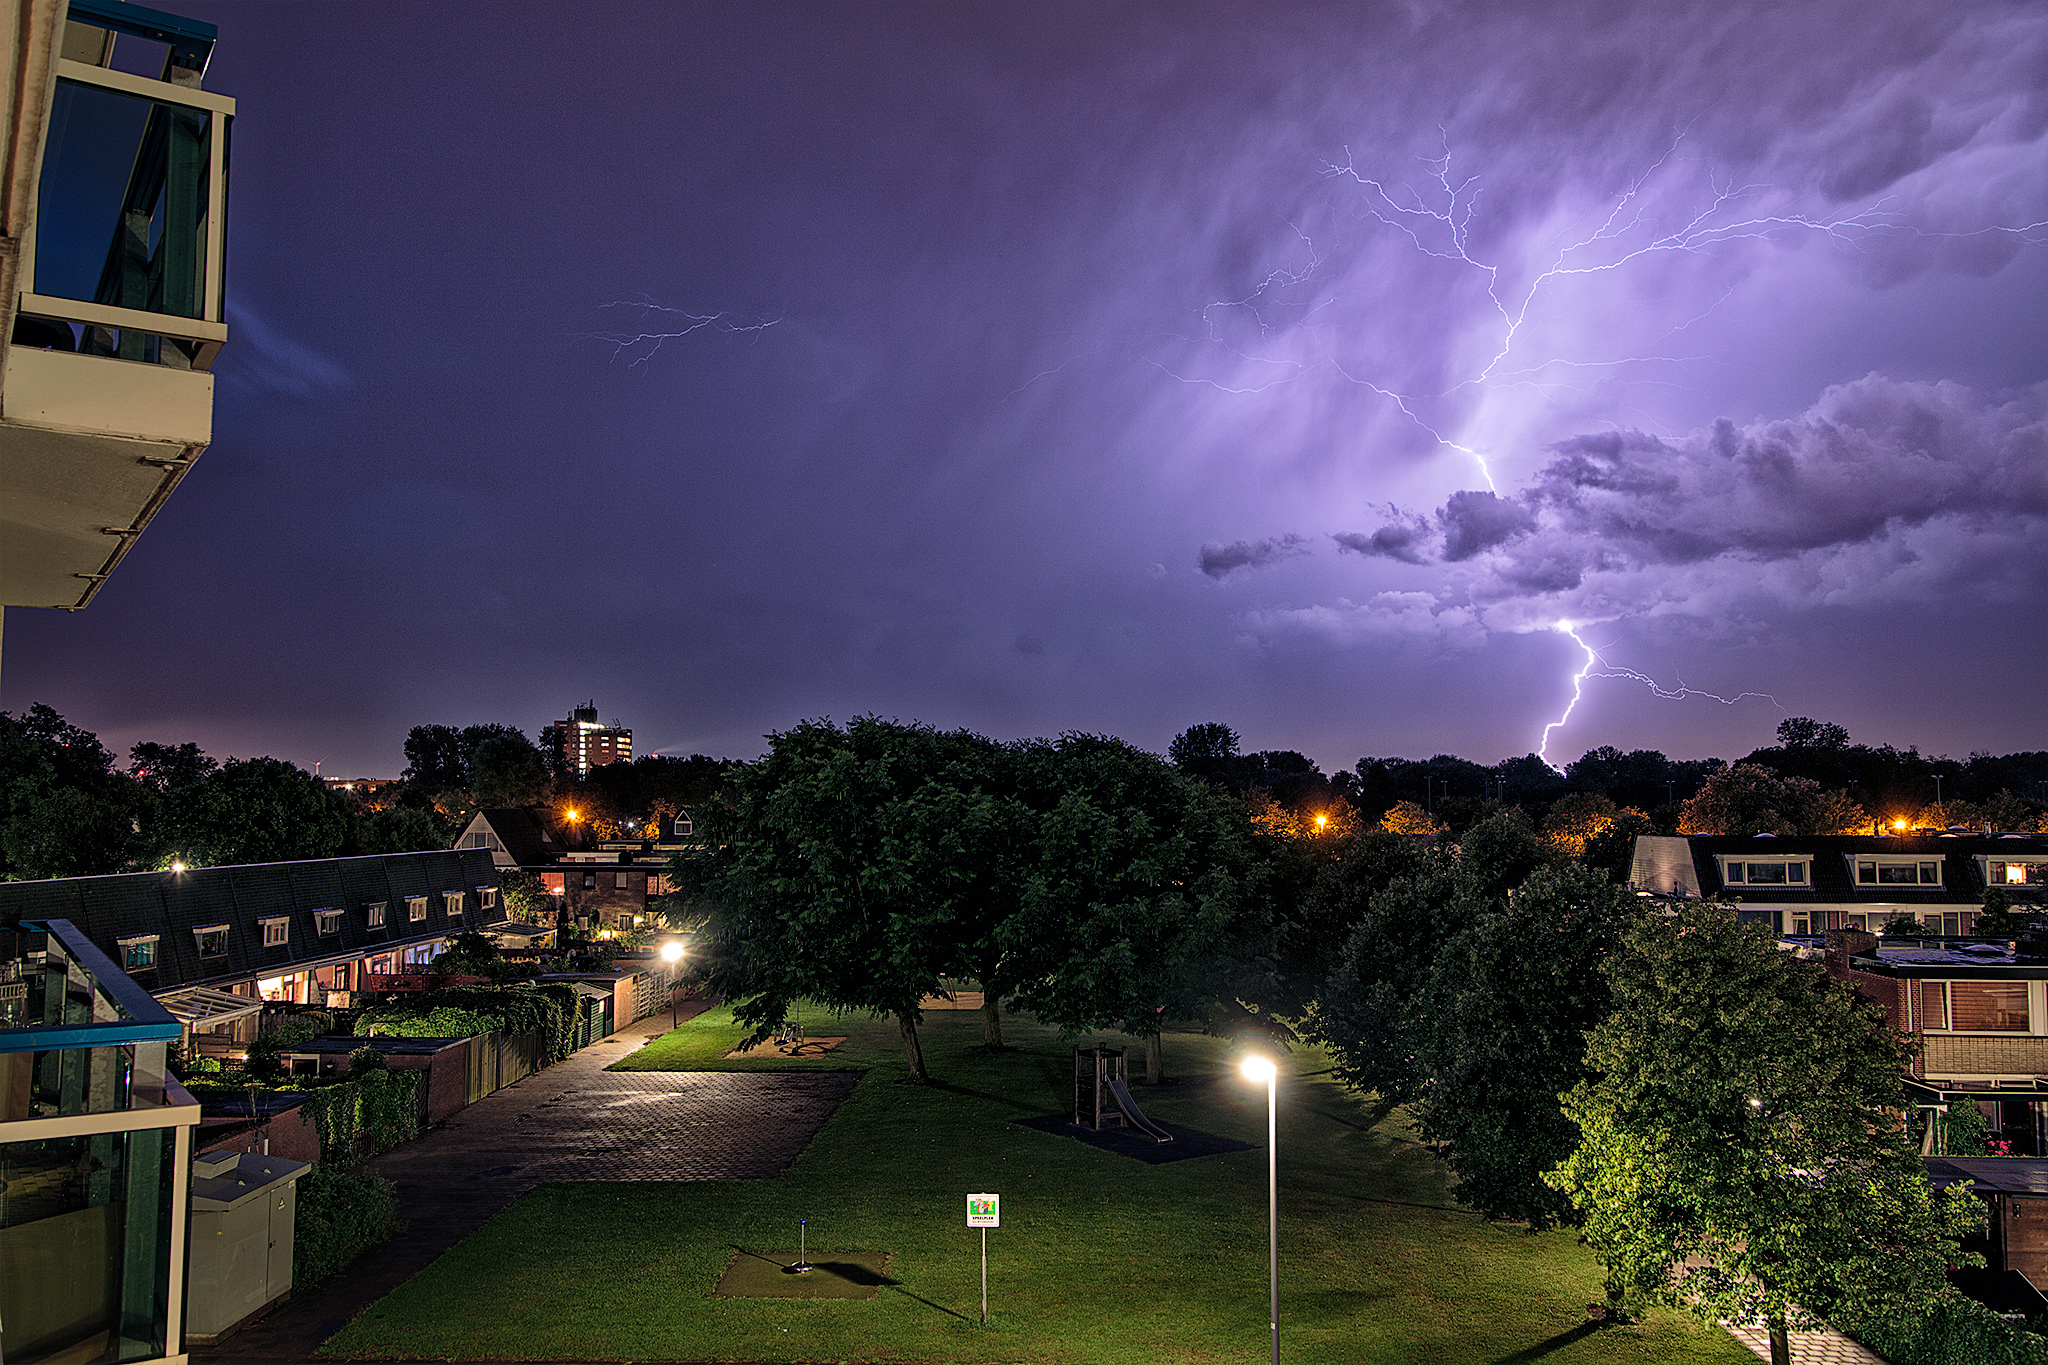 Grote zomerse onweersbui